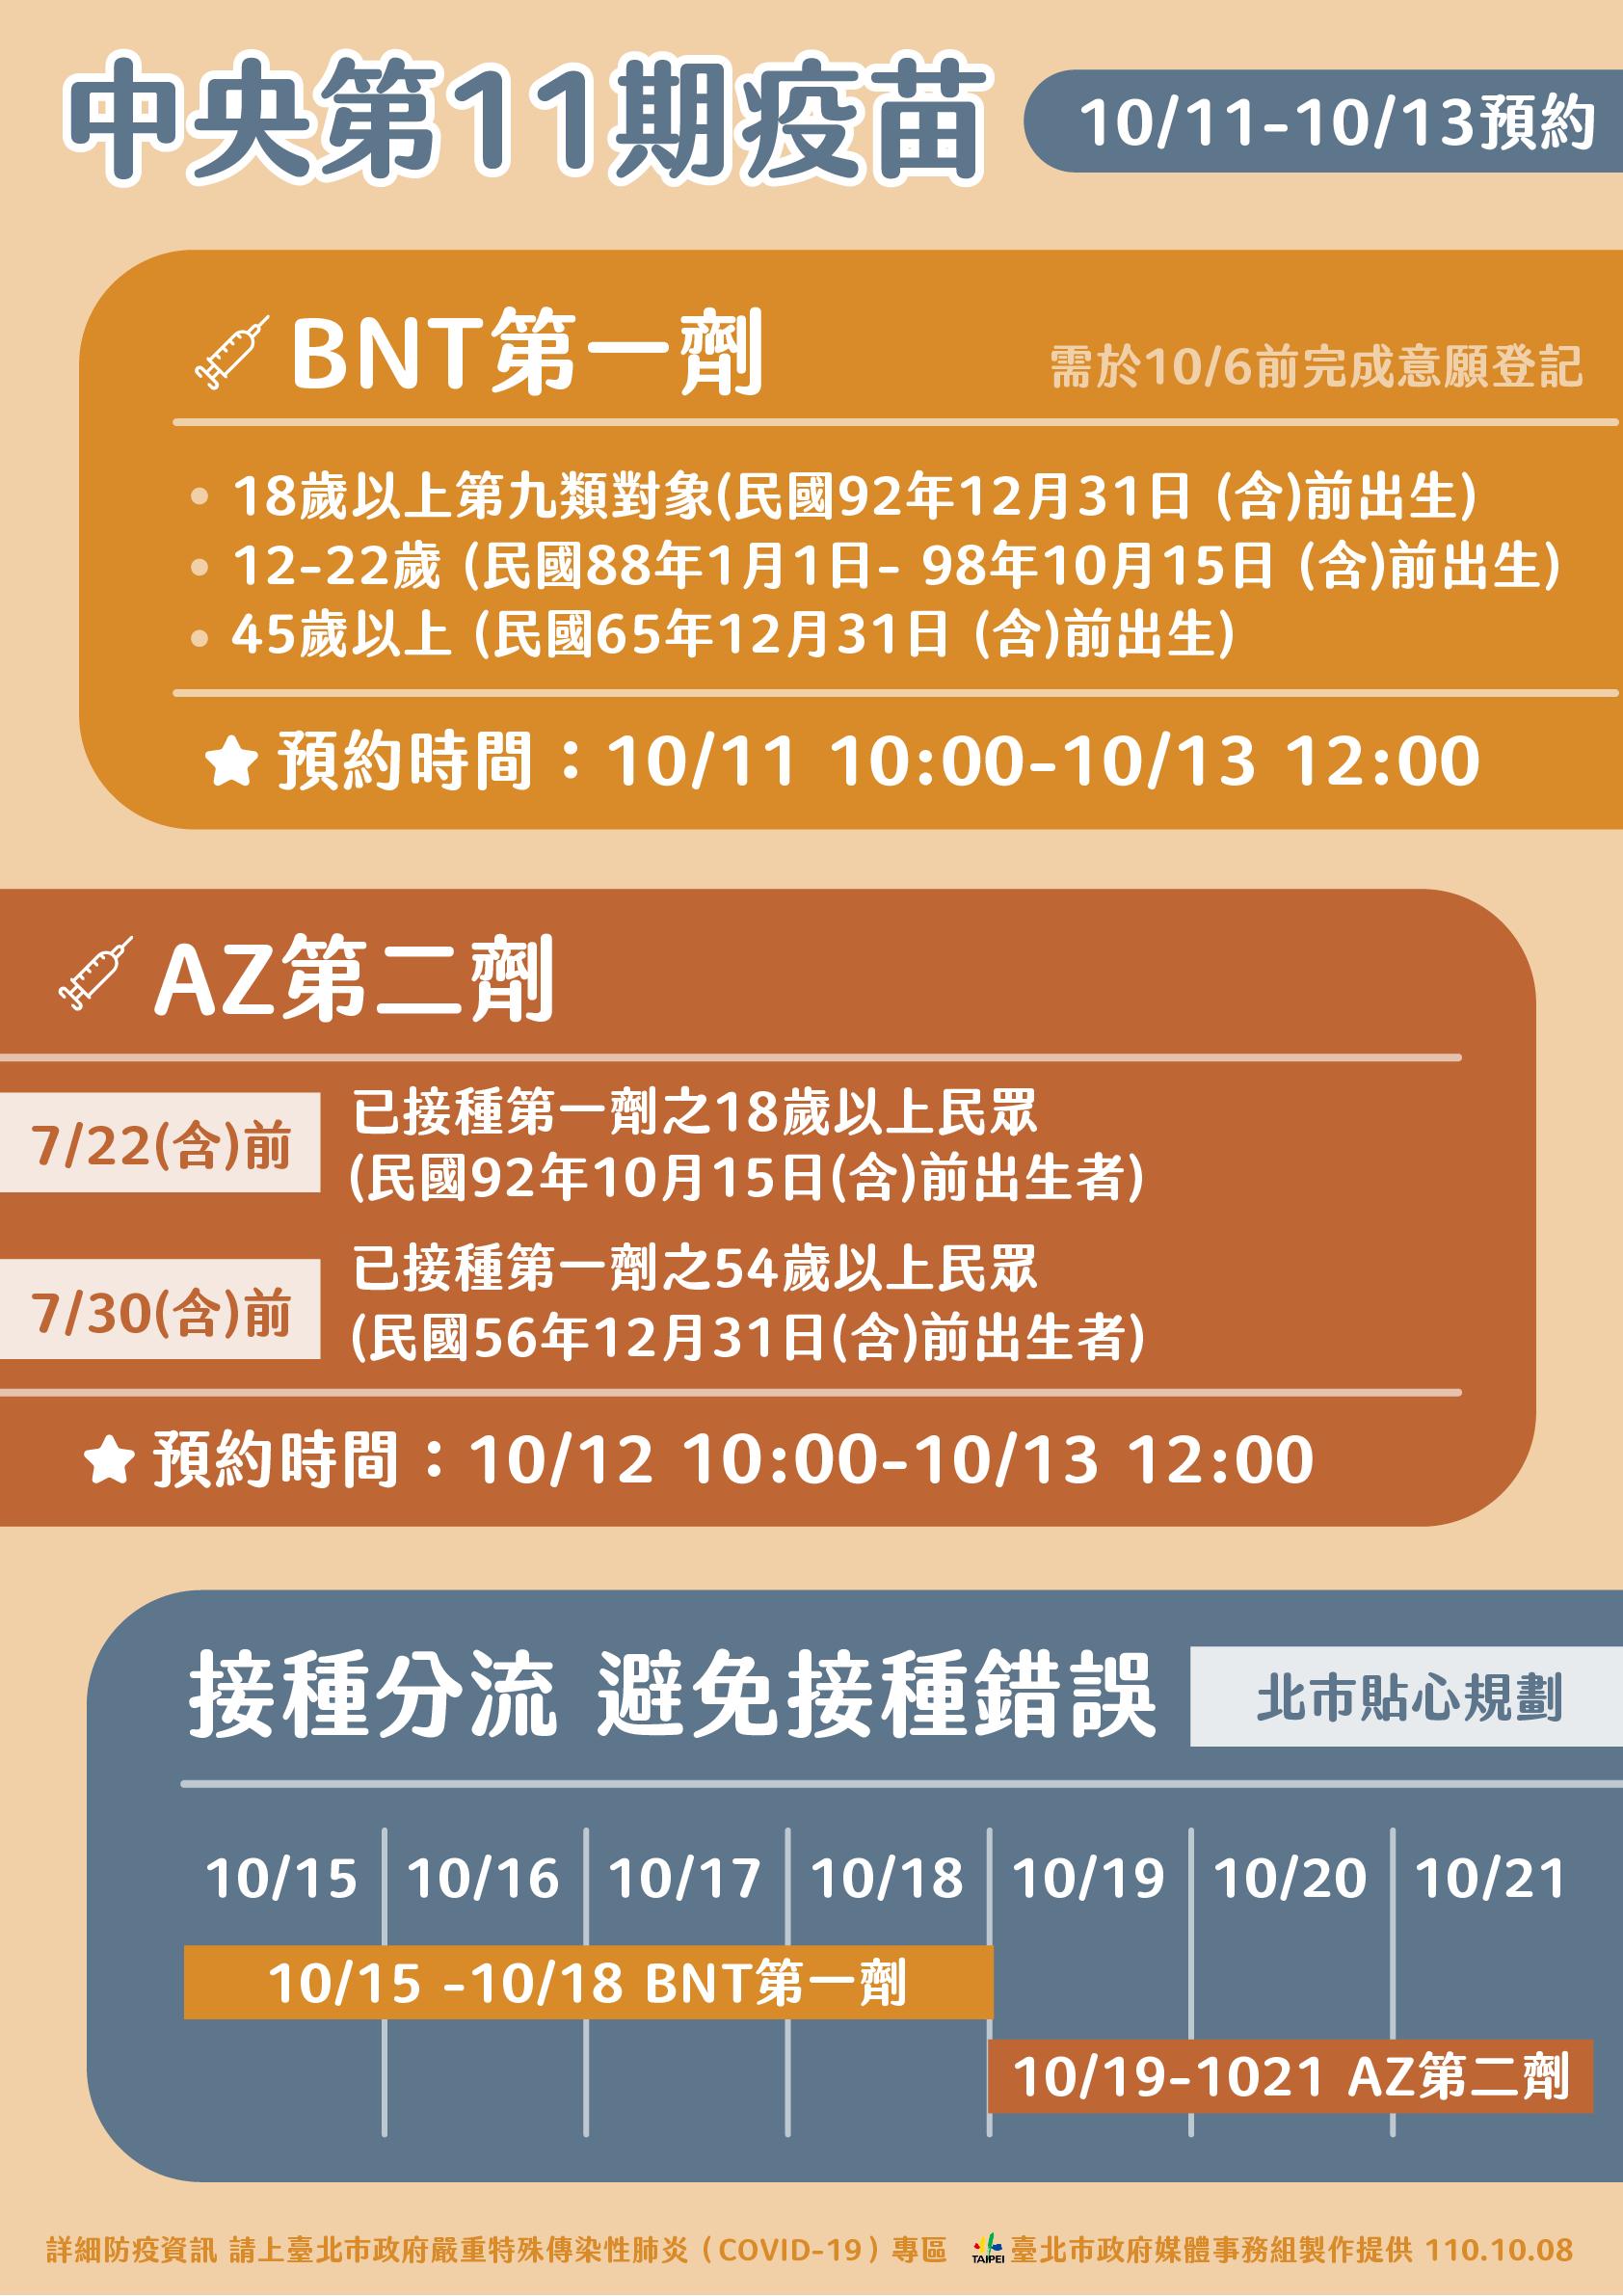 中央第11期疫苗 10/11-10/13預約